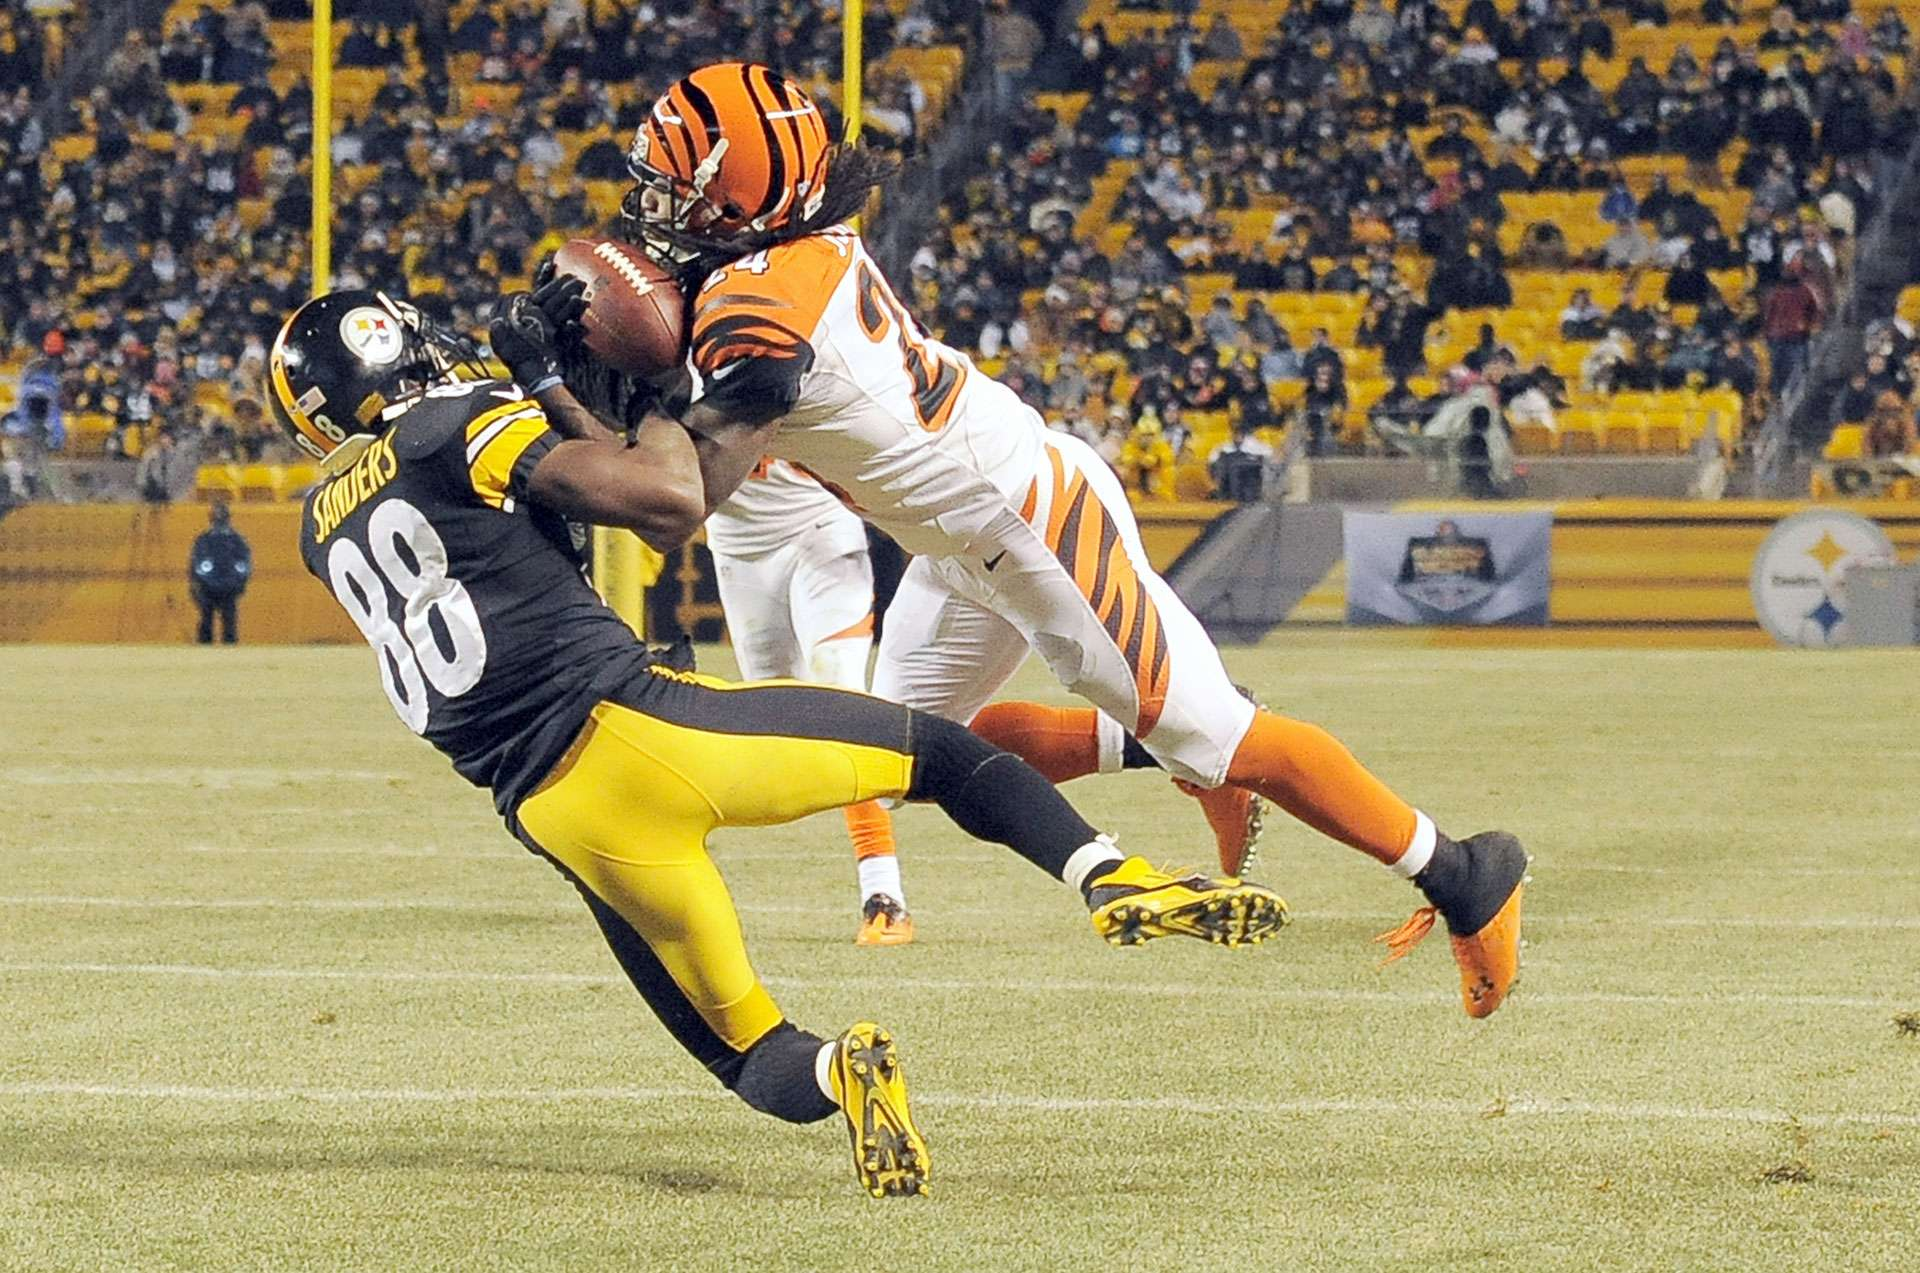 Bengals vs. Steelers (Domingo por la noche). Los dos equipos están calificados, pero el título de la AFC Norte les puede cambiar su camino en los playoffs. Ambos tienen marca de 6-2 a partir de la semana 8 y hace dos semanas, los Steelers aplastaron a los Bengals, que buscan su quinto triunfo consecutivo como visitantes. Si la defensa de Cincinnati logra detener a Le'Veon Bell pueden ganar el juego, si no lo contienen volverán a perder. Triunfo de los Steelers por menos de 7 puntos. Foto: AP